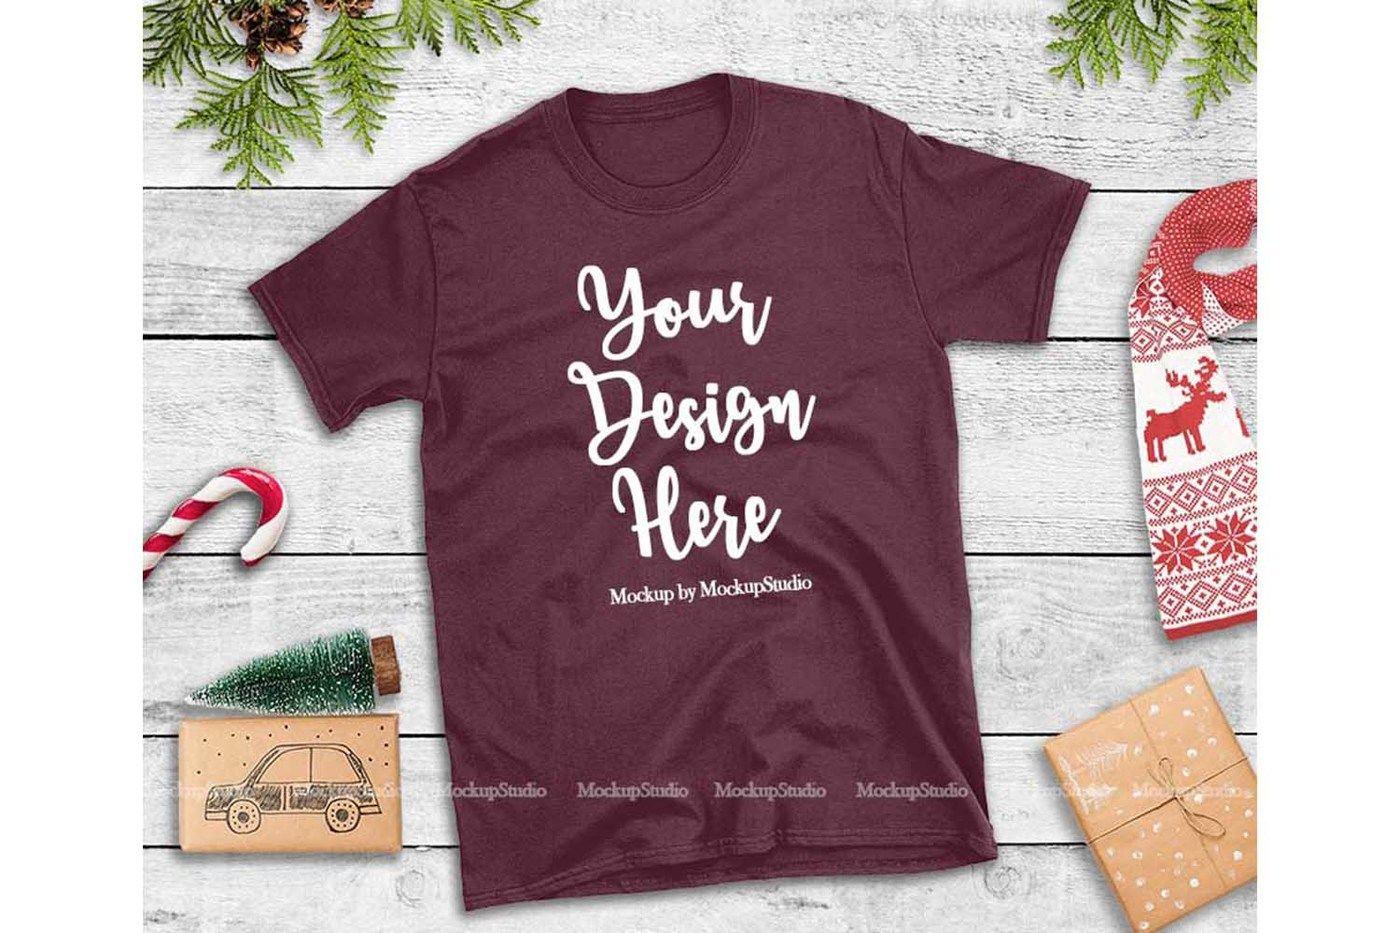 Maroon Christmas Tshirt Mockup Holiday Unisex Tee Flat Lay By